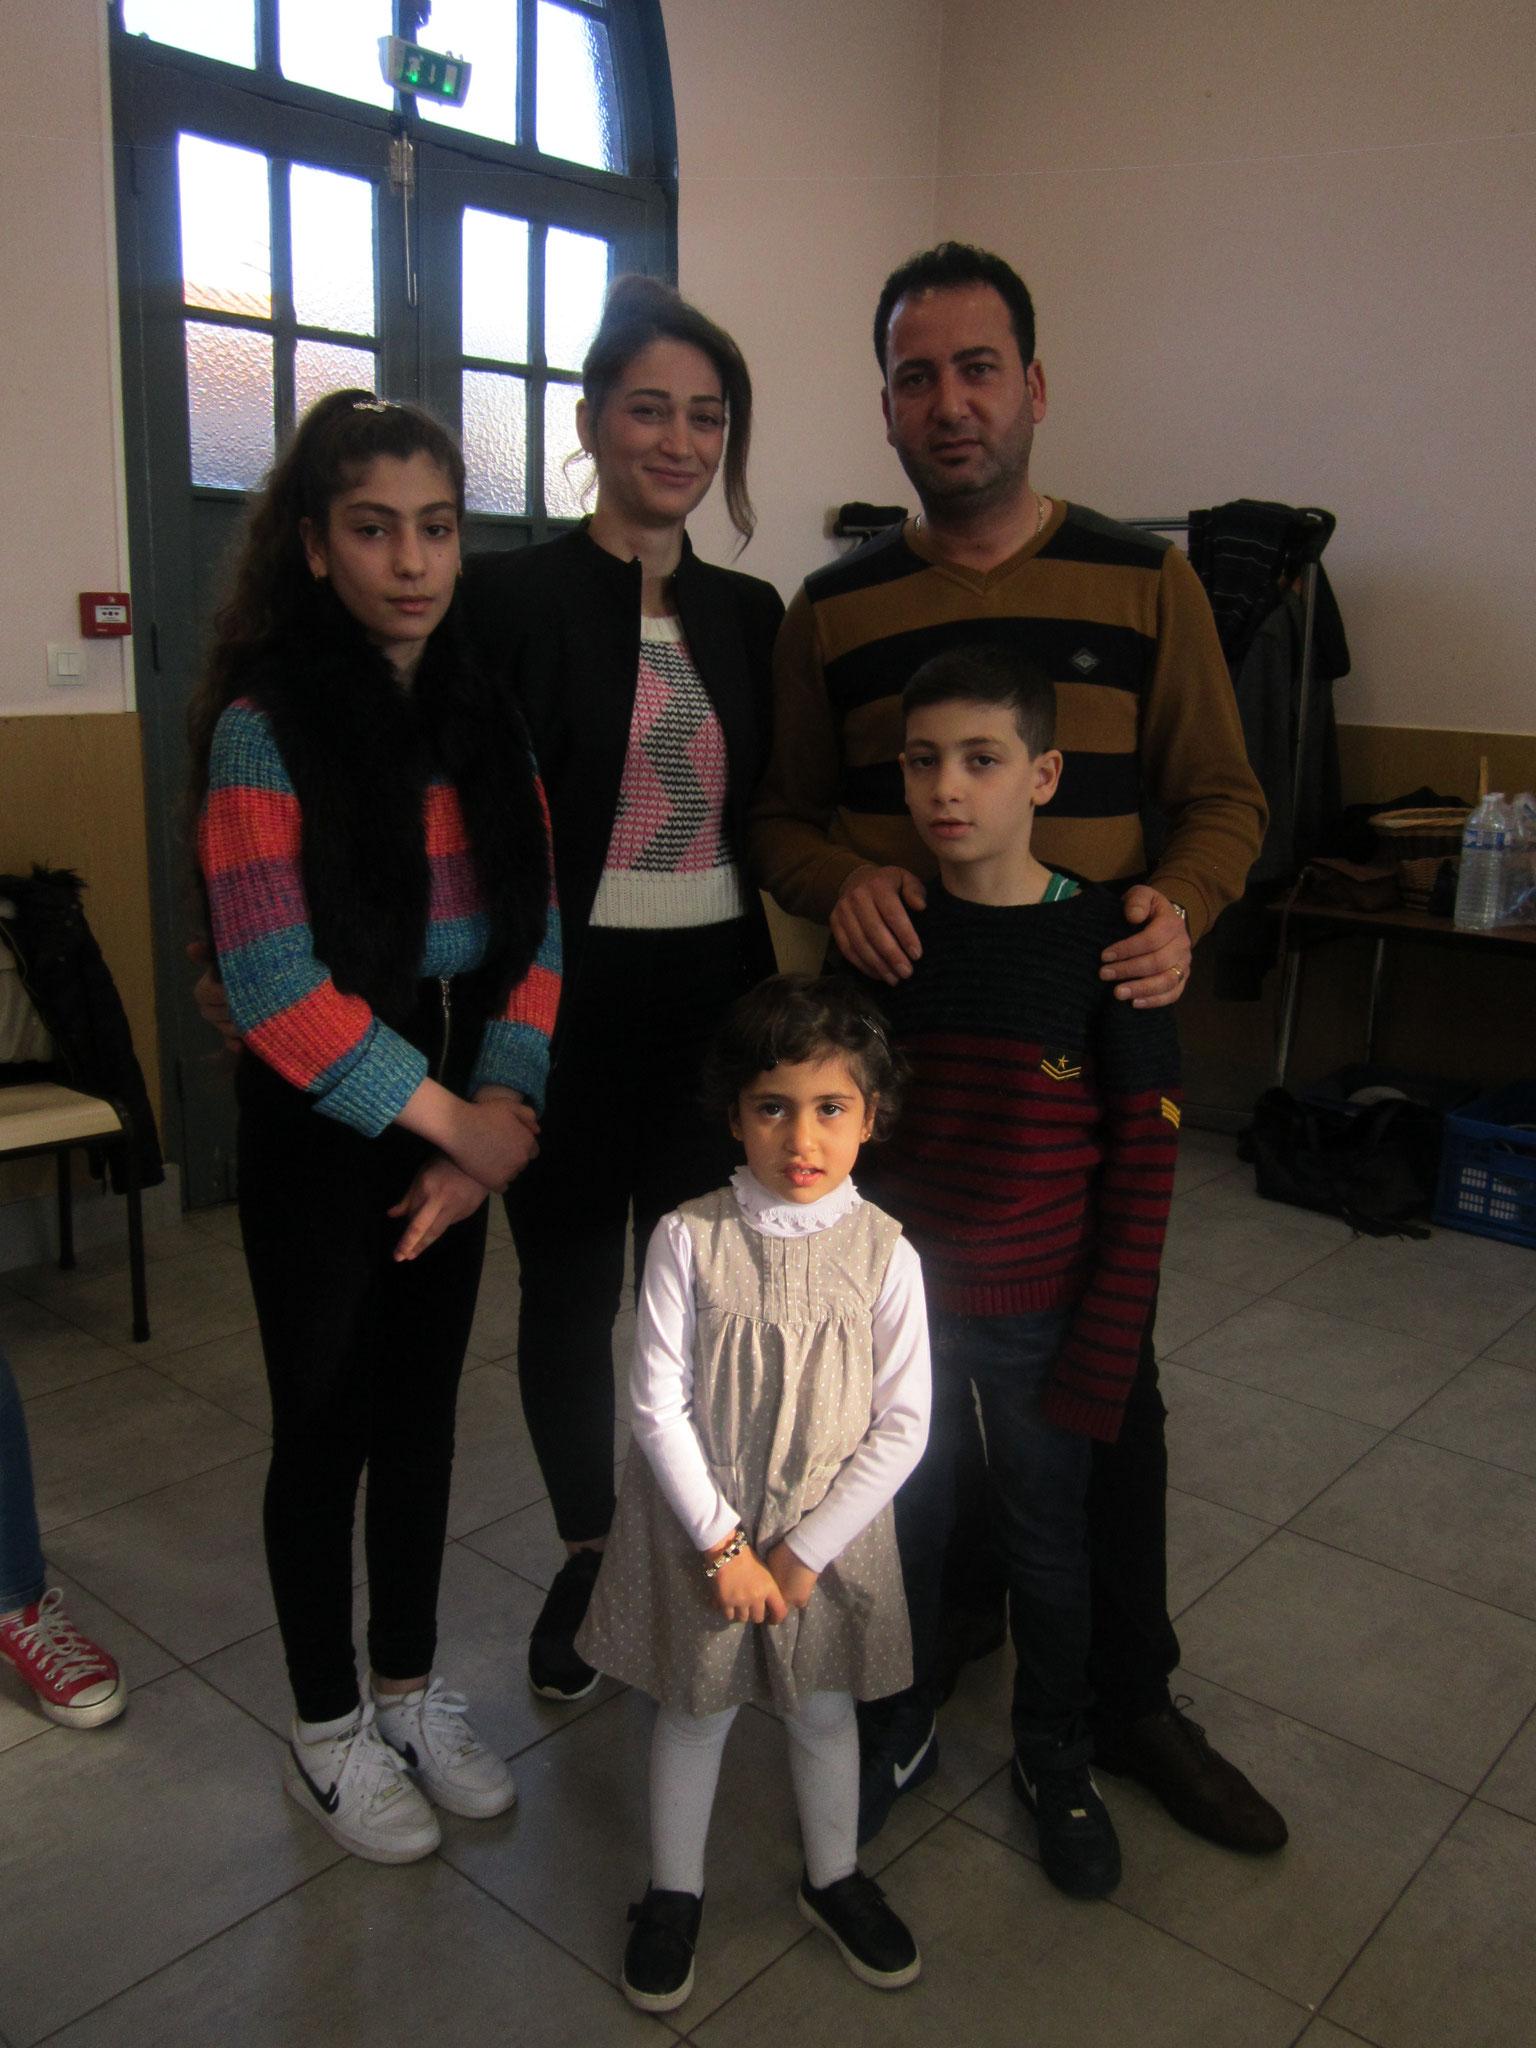 La famille Sarum nouvellement arrivée